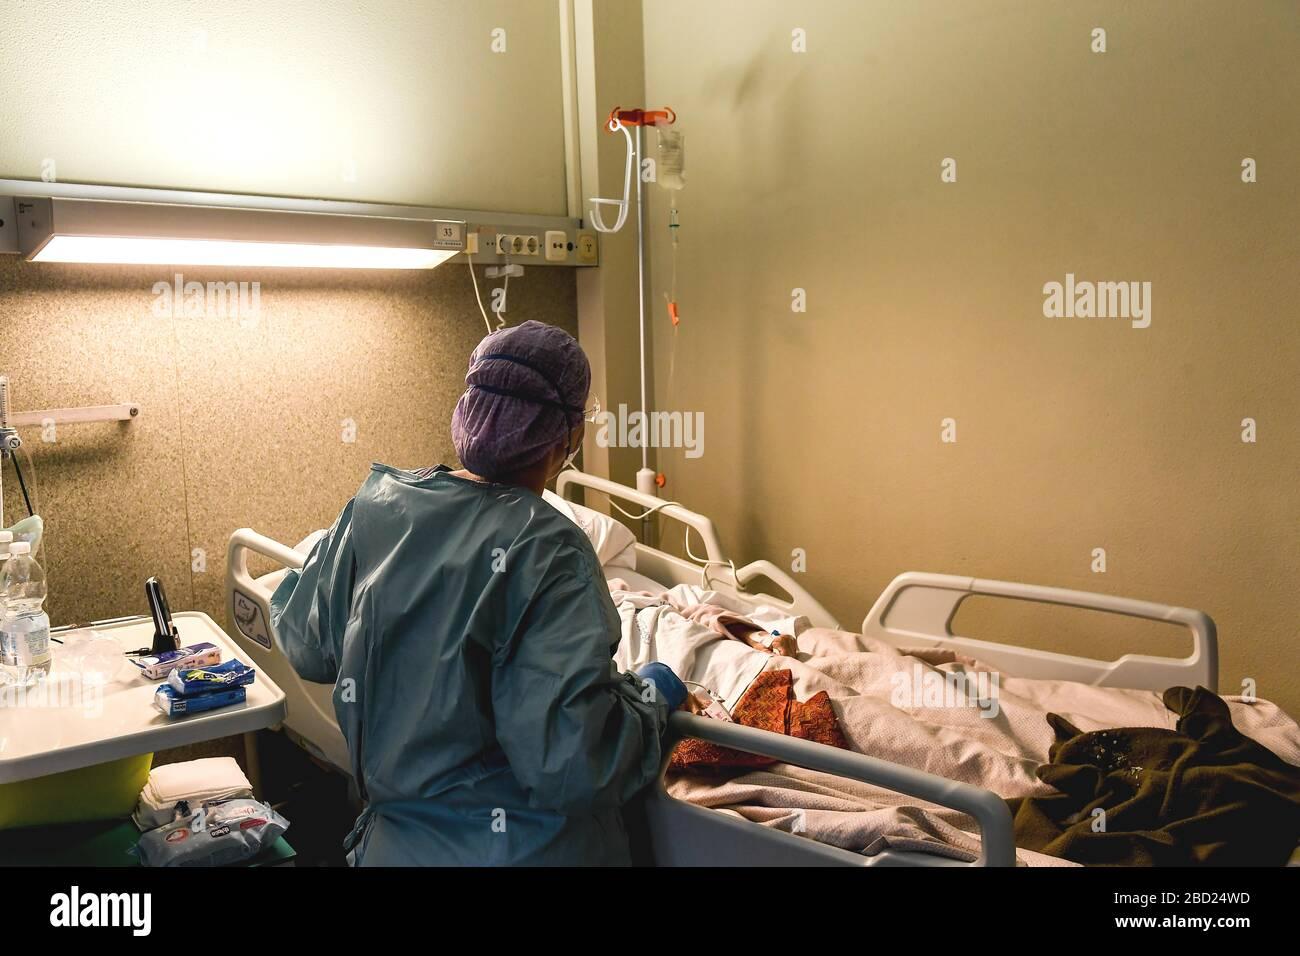 Italia, Regione Lombardia, Erba (Como), 14 marzo 2020 : epidemia di virus Covid-19. Emergenza coronavirus. Ospedale Sacra Famiglia Fatebenefratelli, in Th Foto Stock